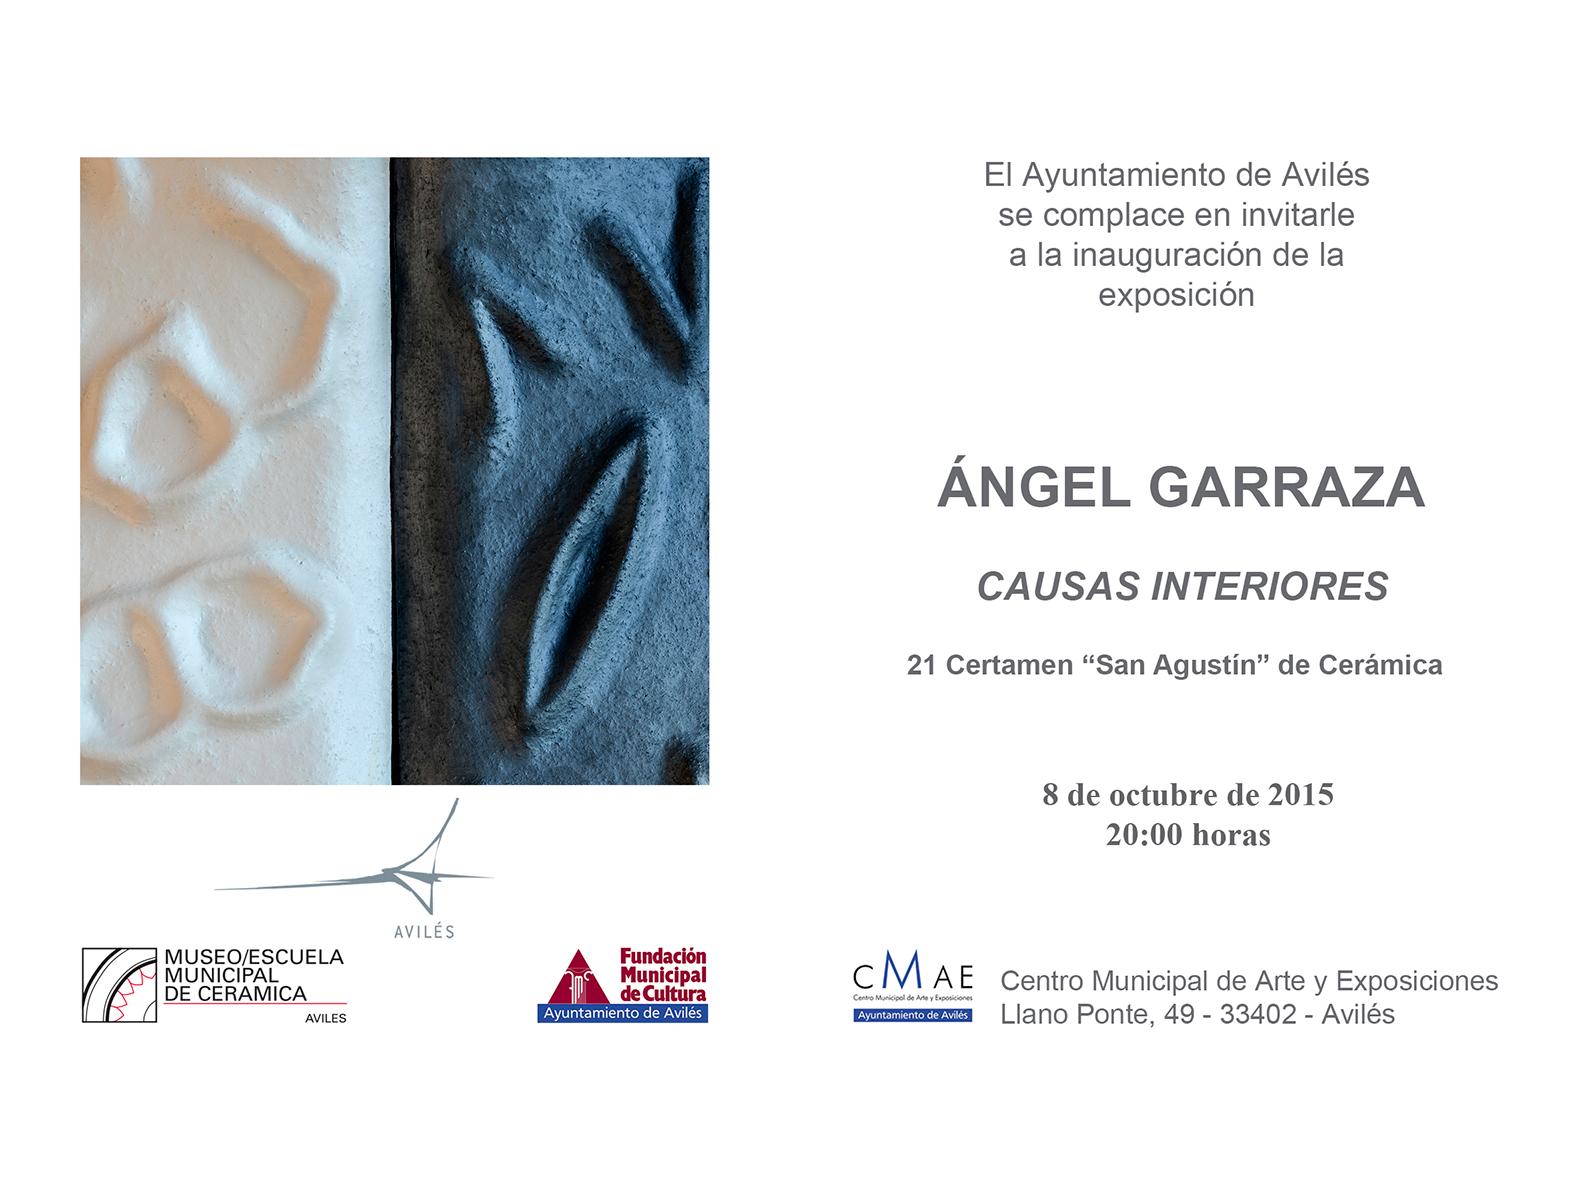 Cartel de la Exposición de Ángel Garraza en Avilés